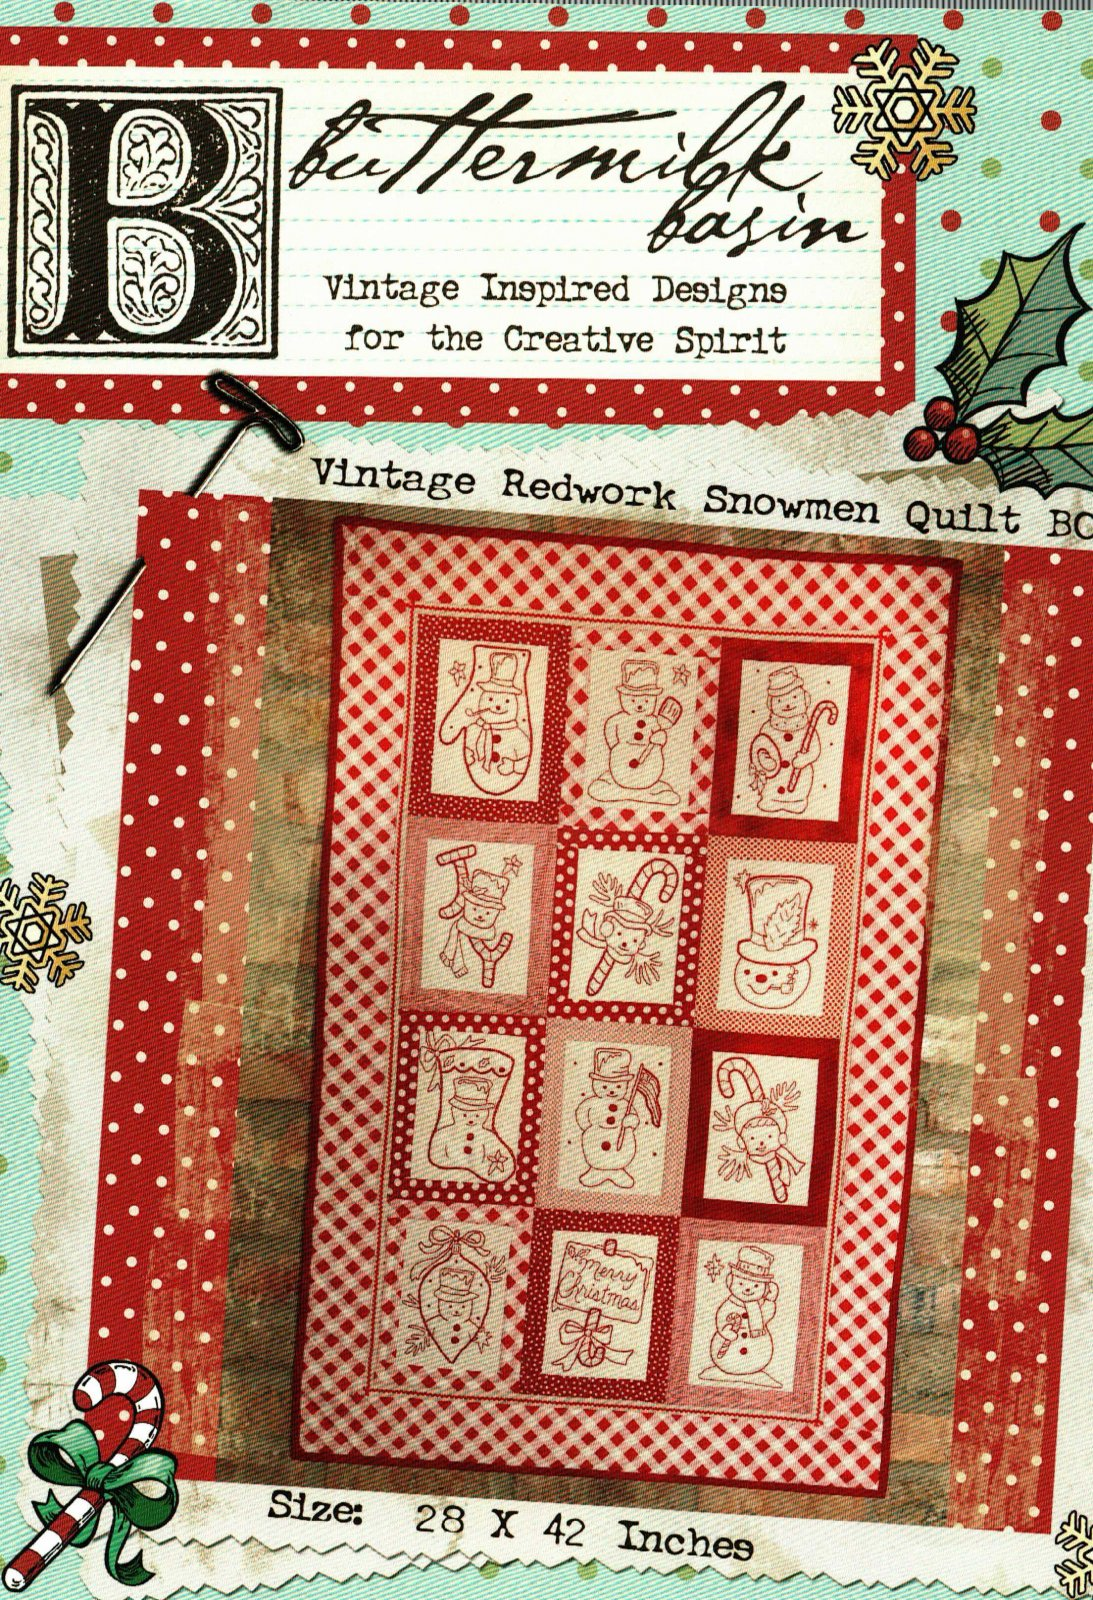 Vintage Redwork Snowman Quilt BOM * Pattern